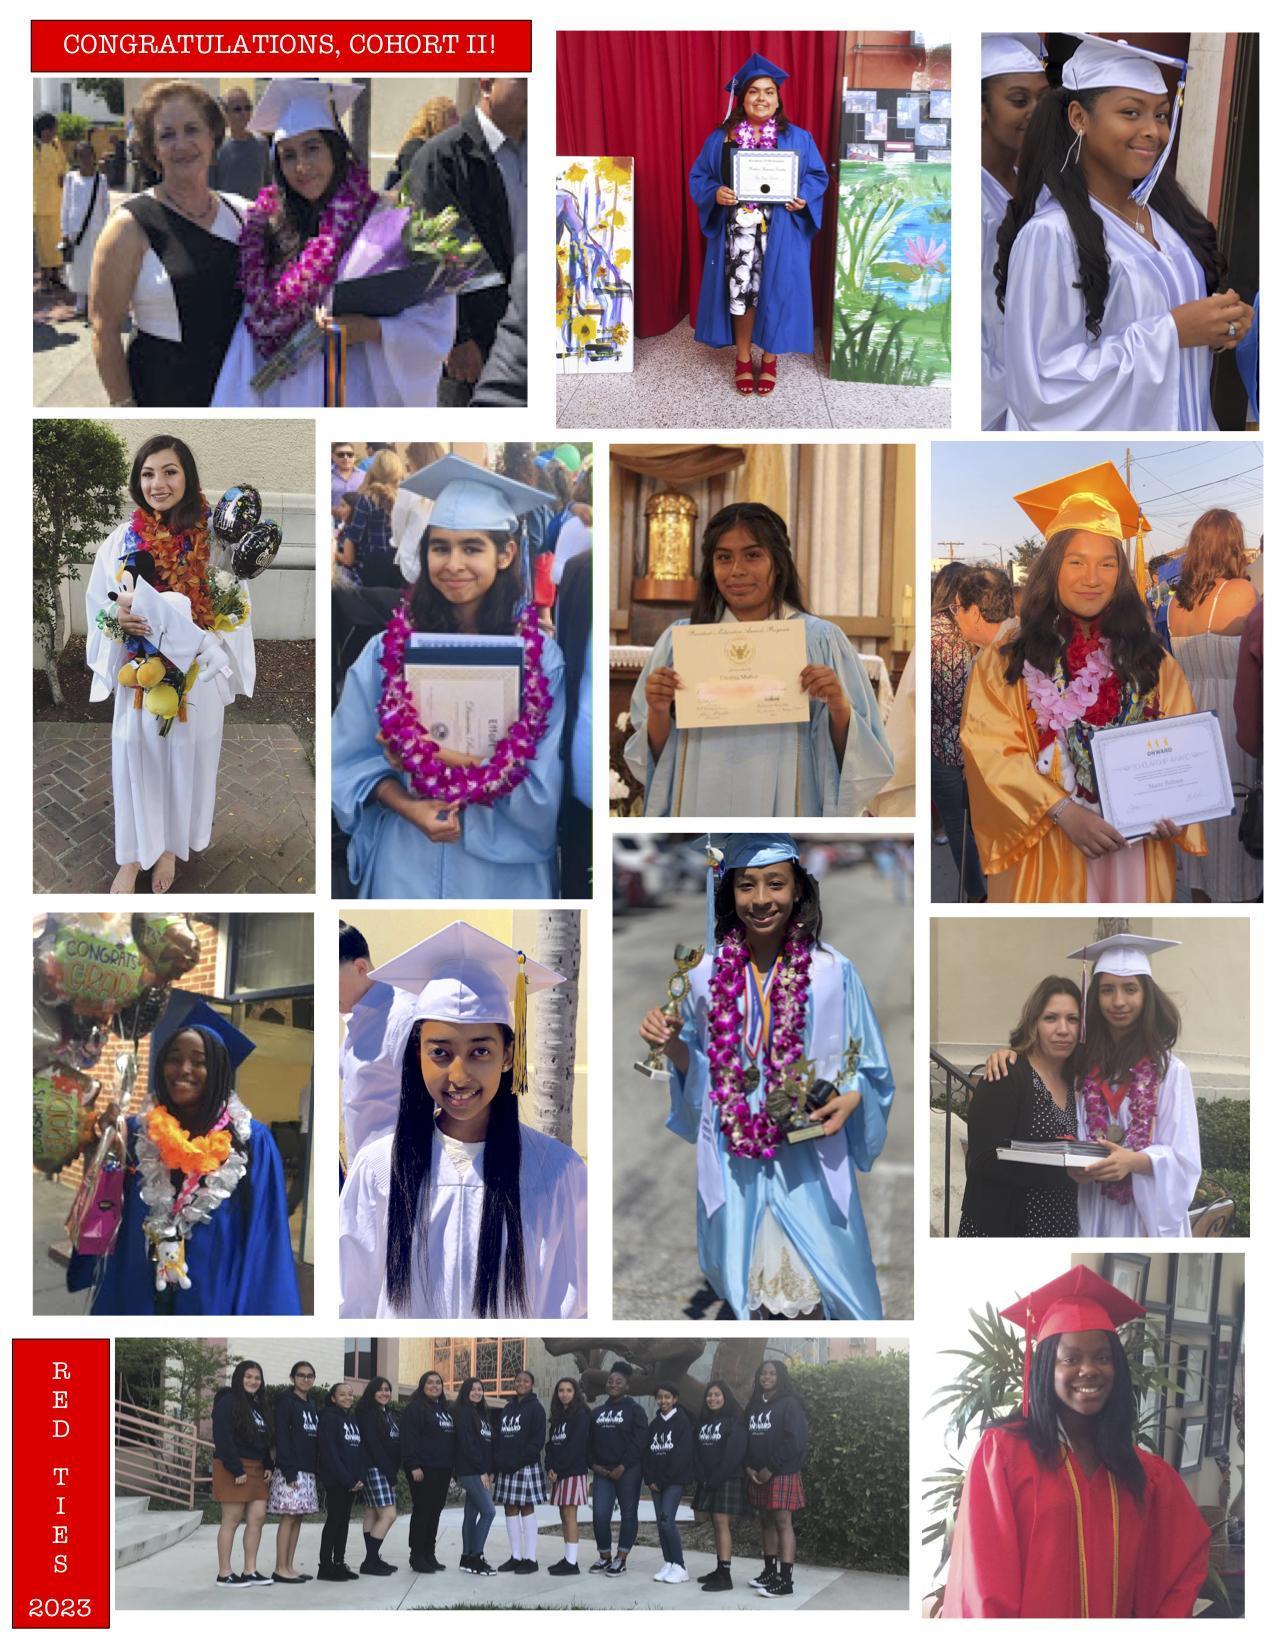 Cohort II Grads